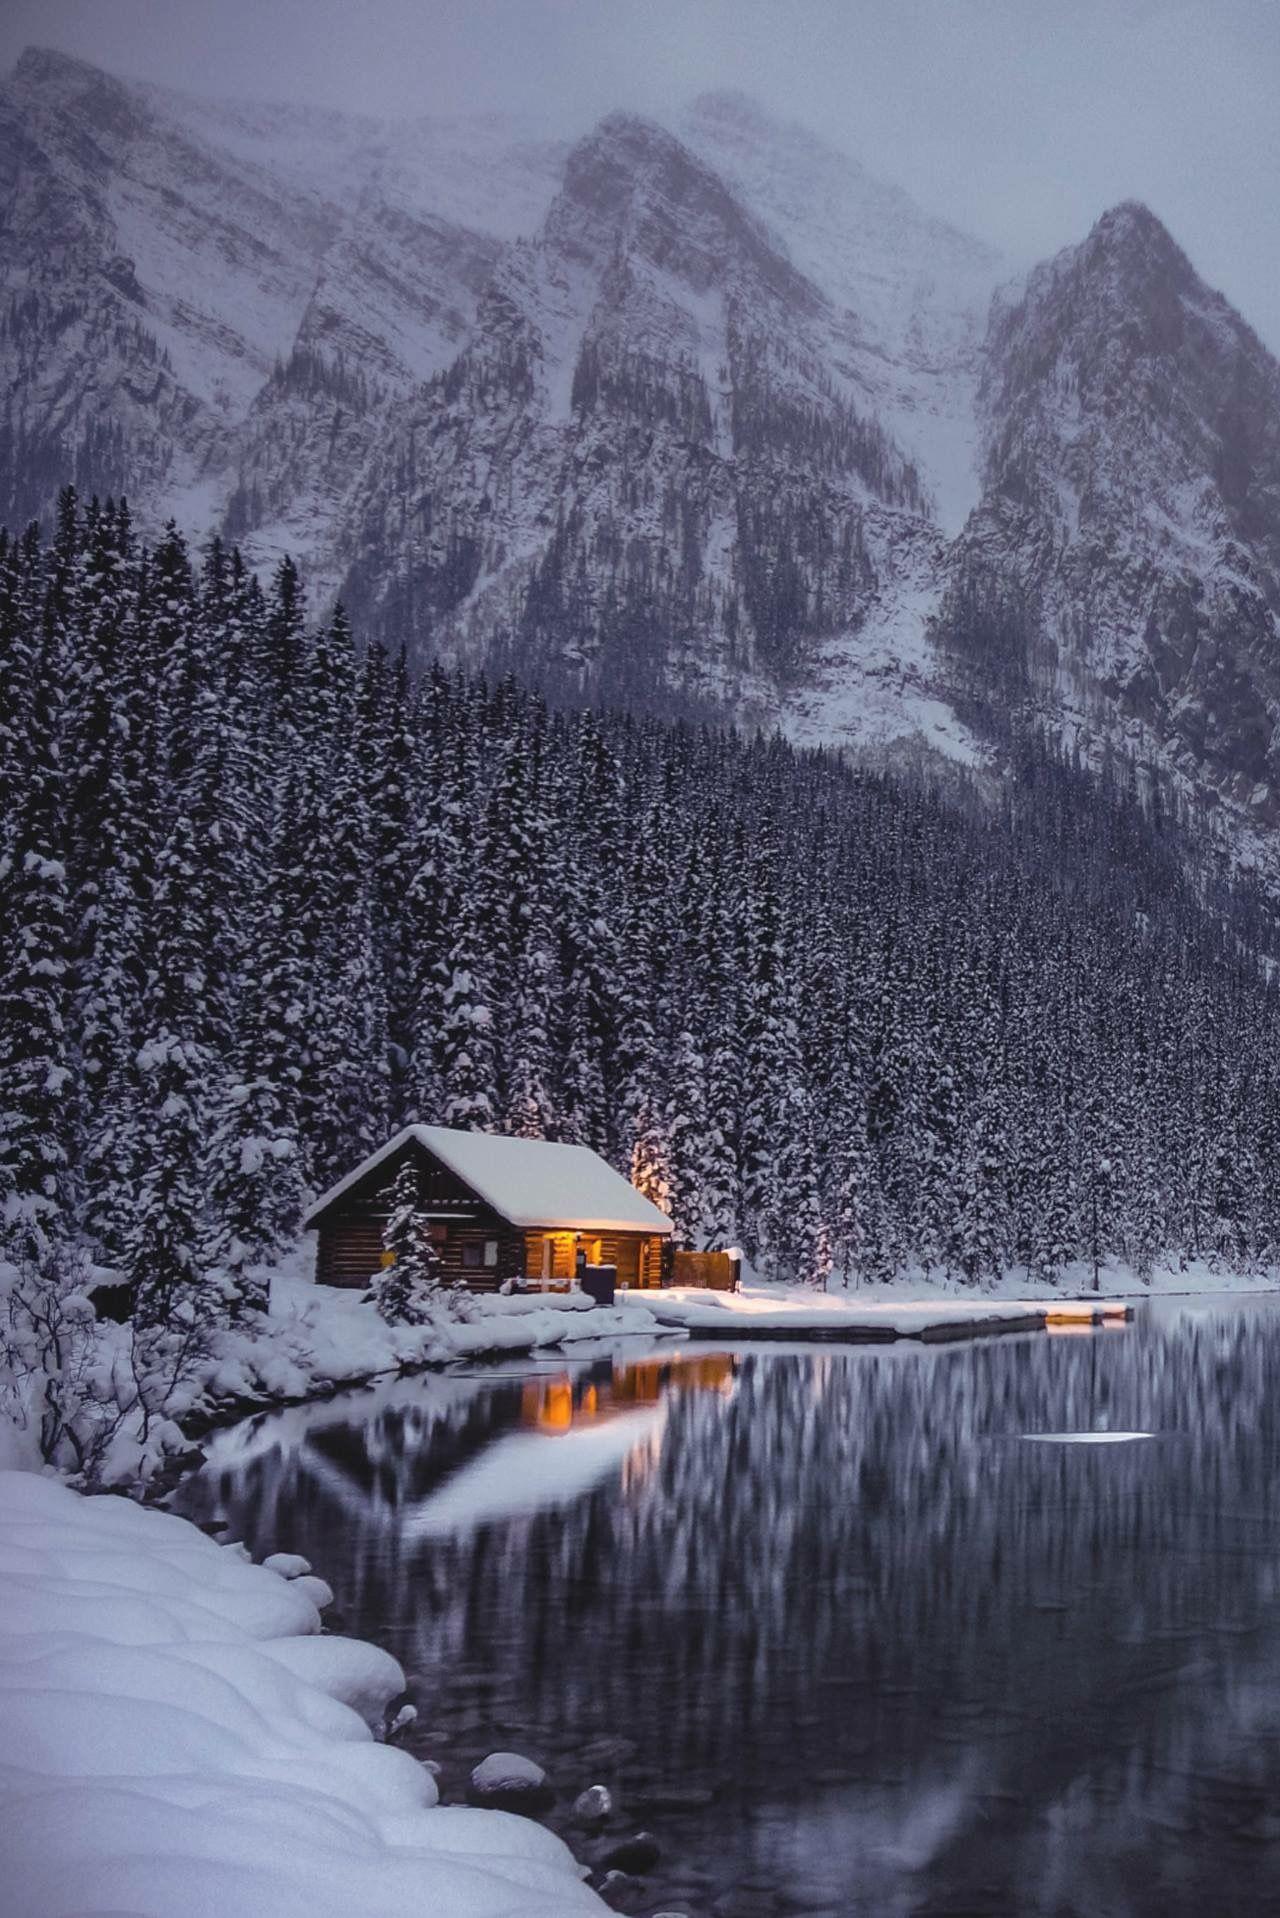 weihnachten #fotografie #schnee #winter #gemütlich #lichter ...